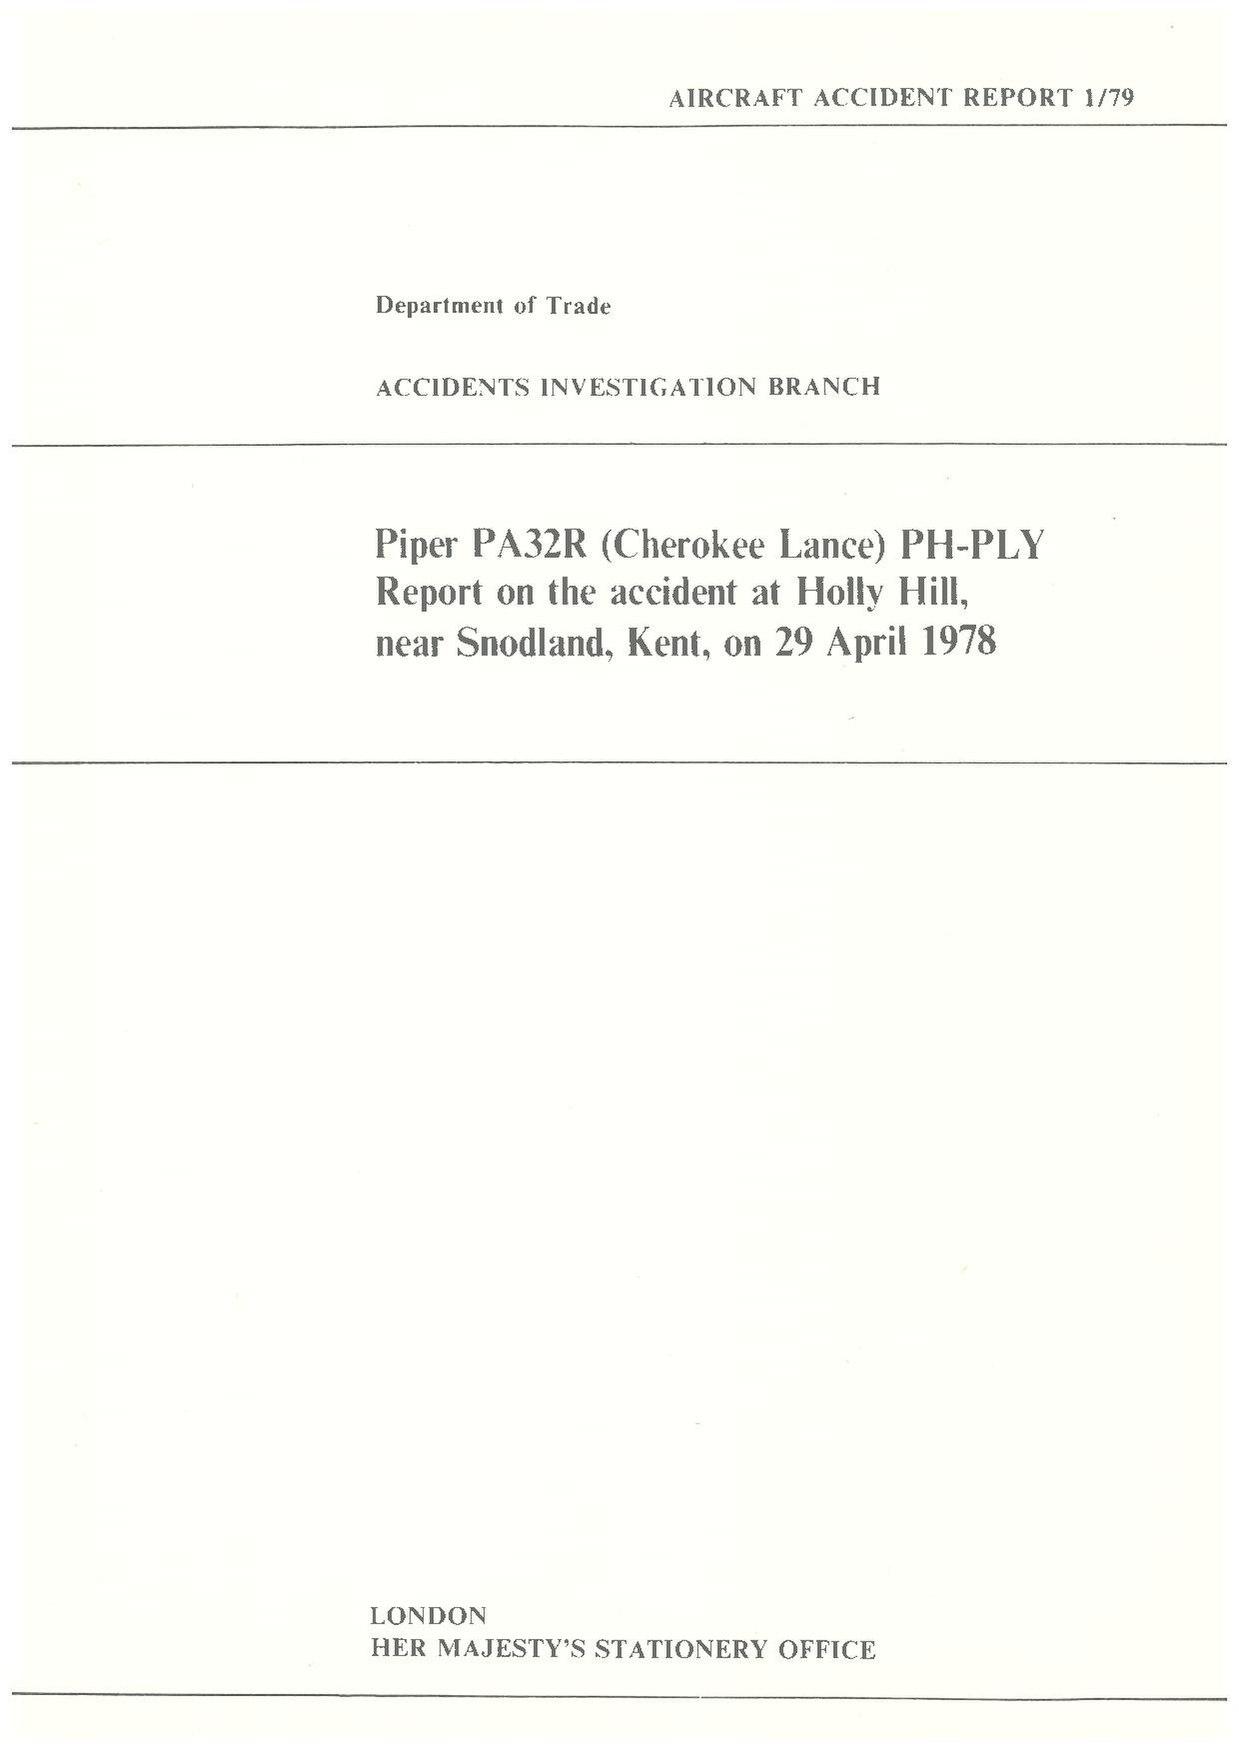 File:1-1979 Piper PA32R Cherokee Lance, PH-PLY, 29 April 1978 pdf